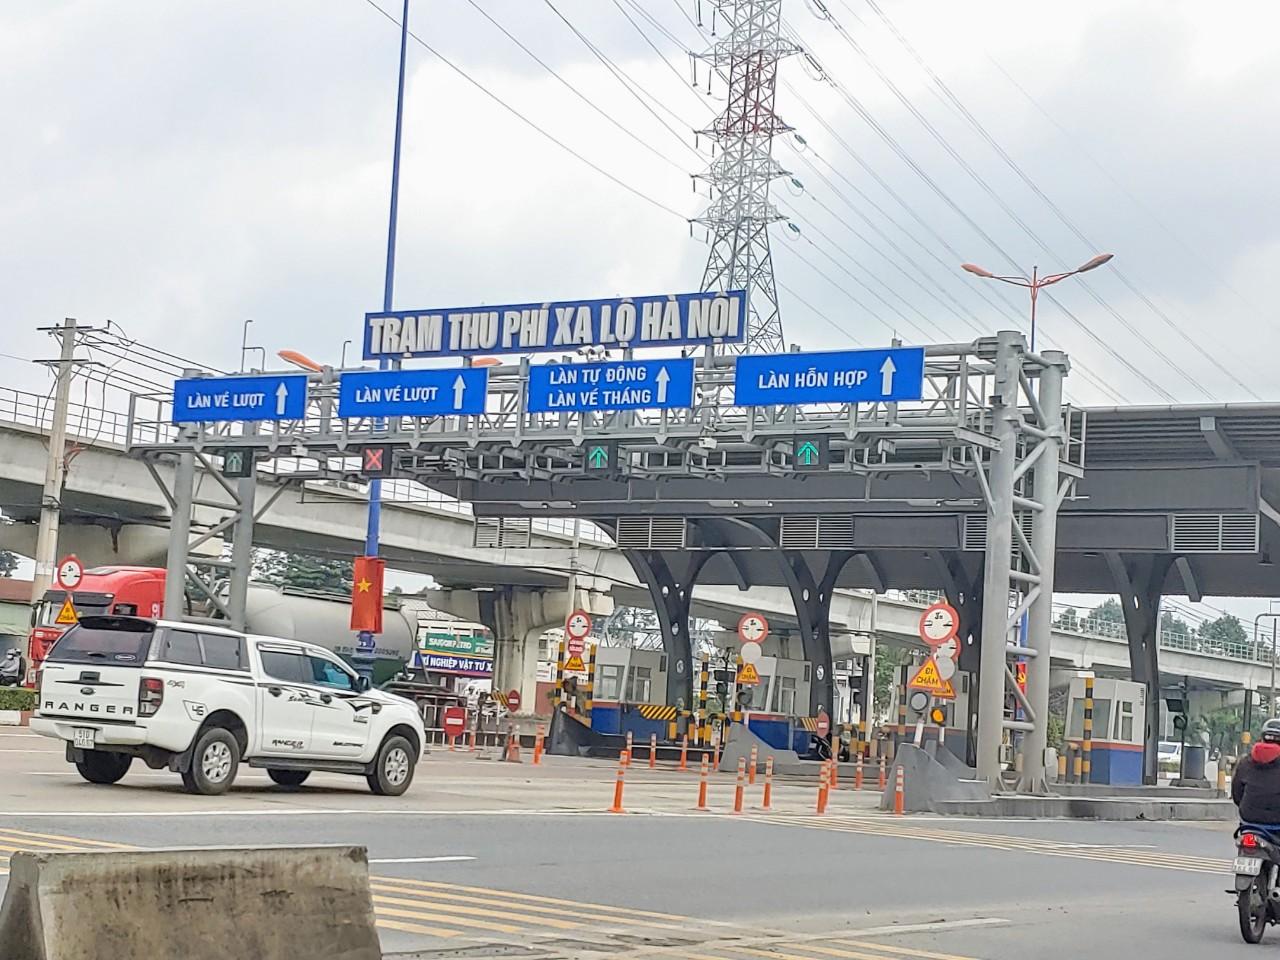 CII chính thức được thu phí BOT Xa lộ Hà Nội từ ngày 1/4 - Ảnh 1.